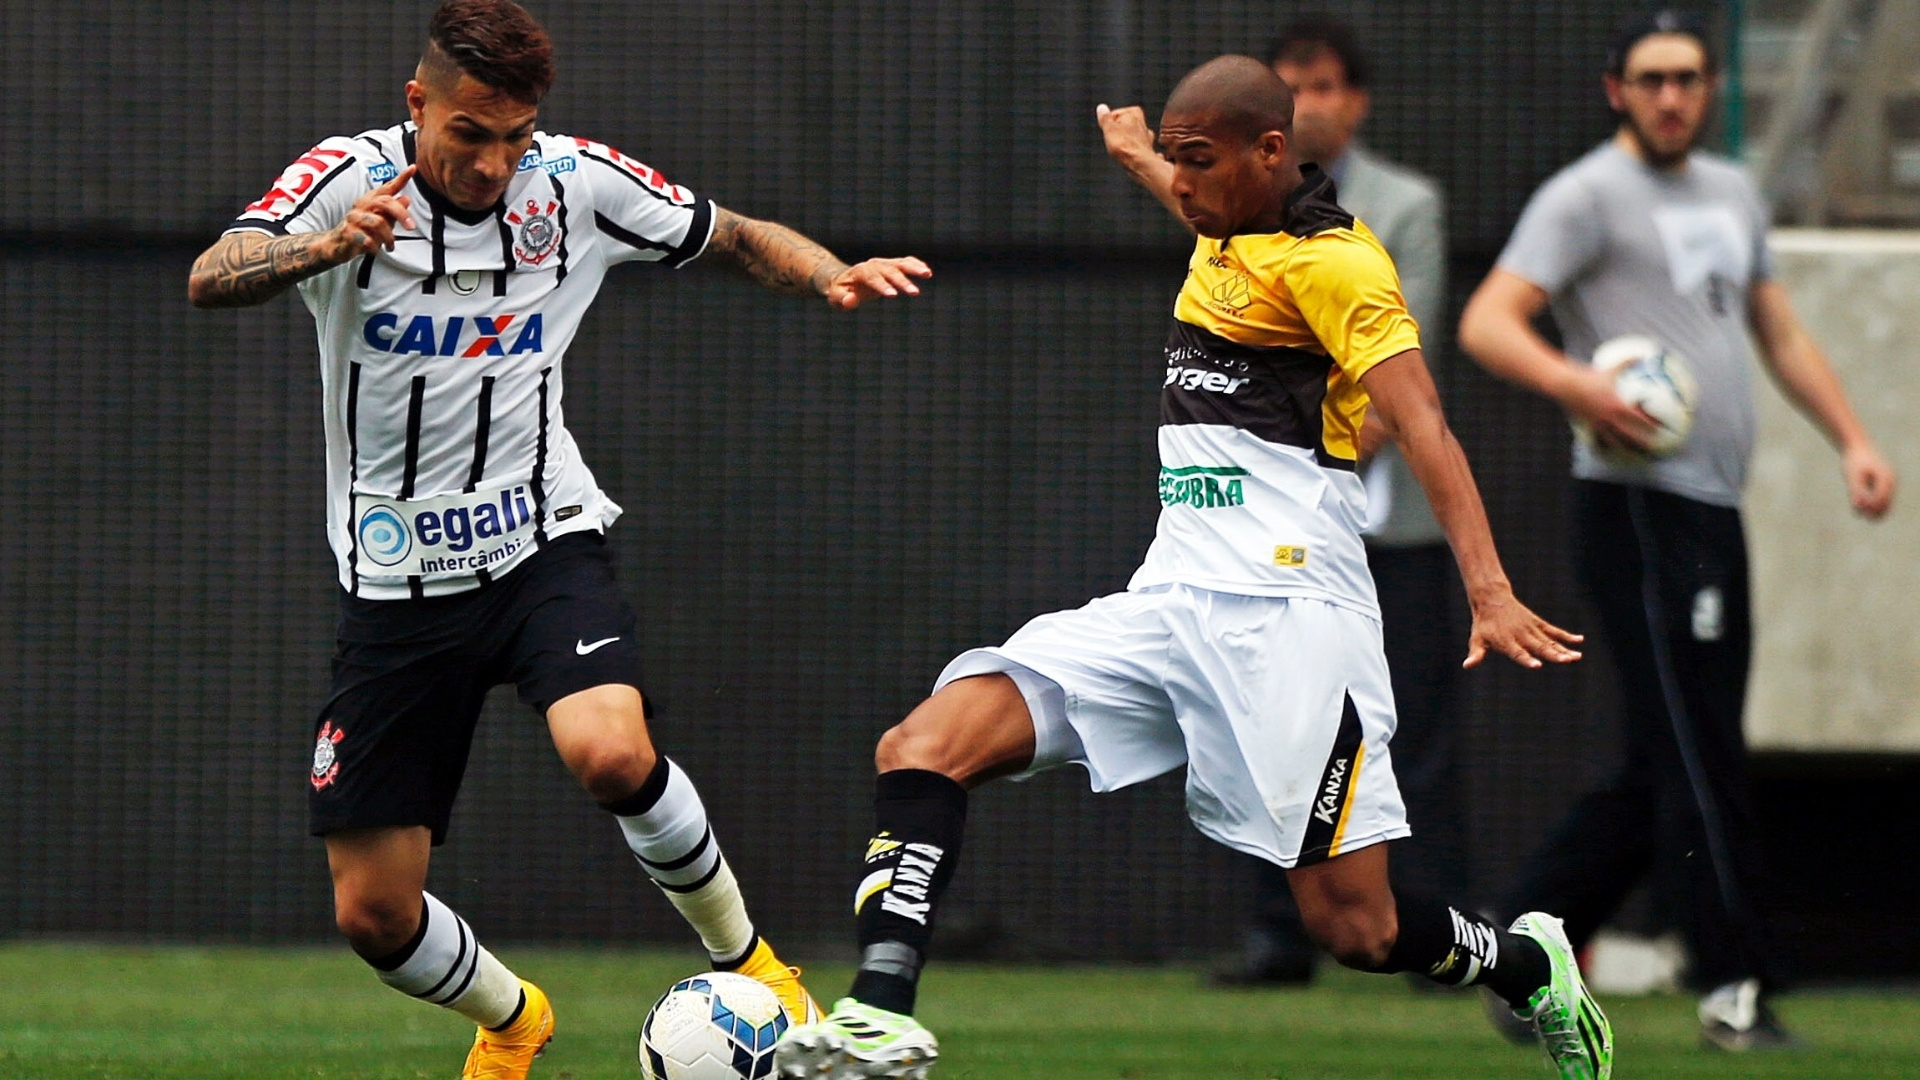 Guerrero tenta fazer jogada na partida do Corinthians contra o Criciúma